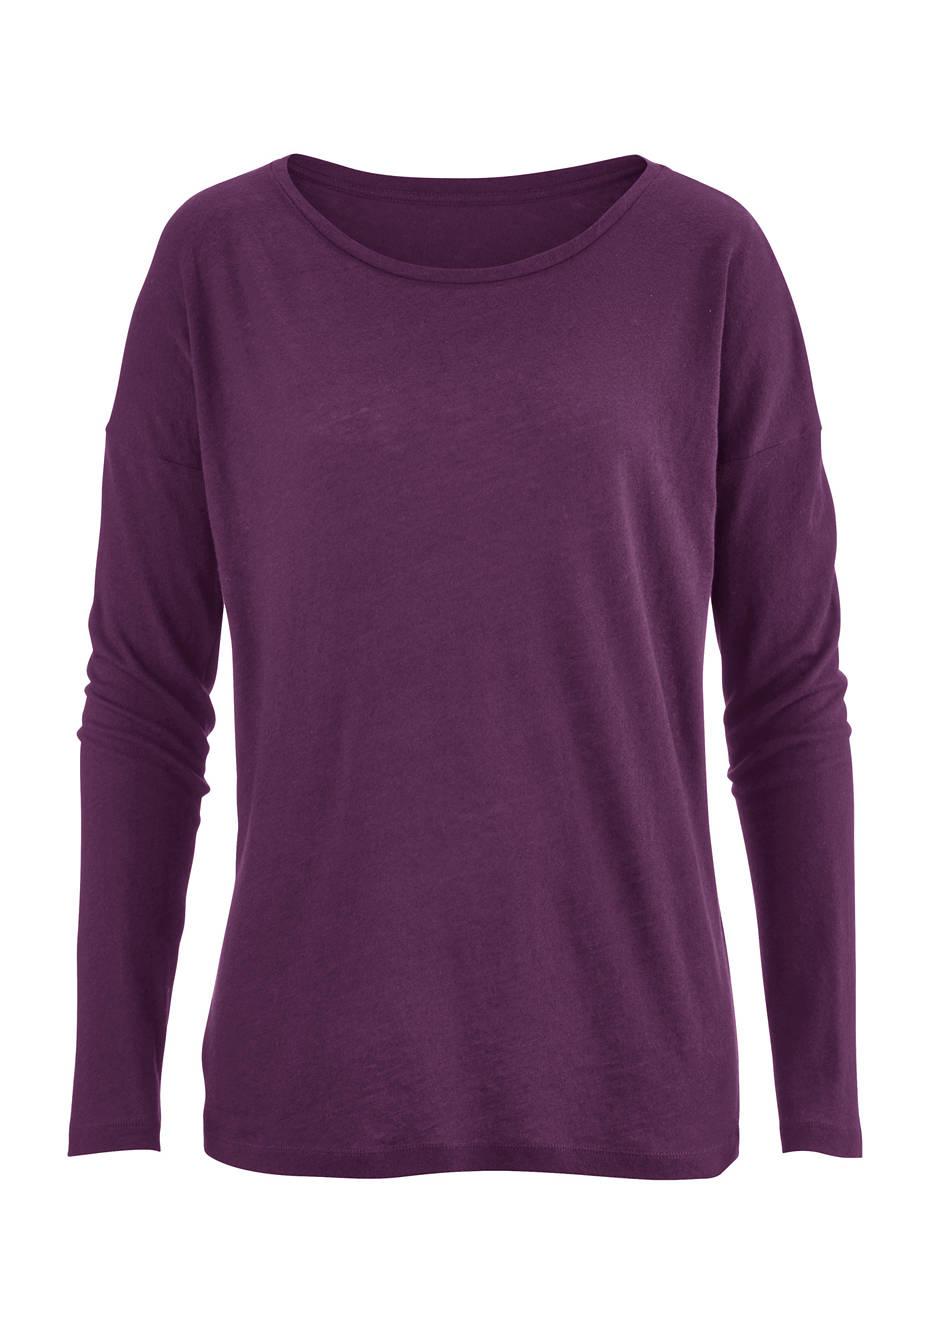 Damen Shirt aus Bio-Baumwolle mit Schurwolle